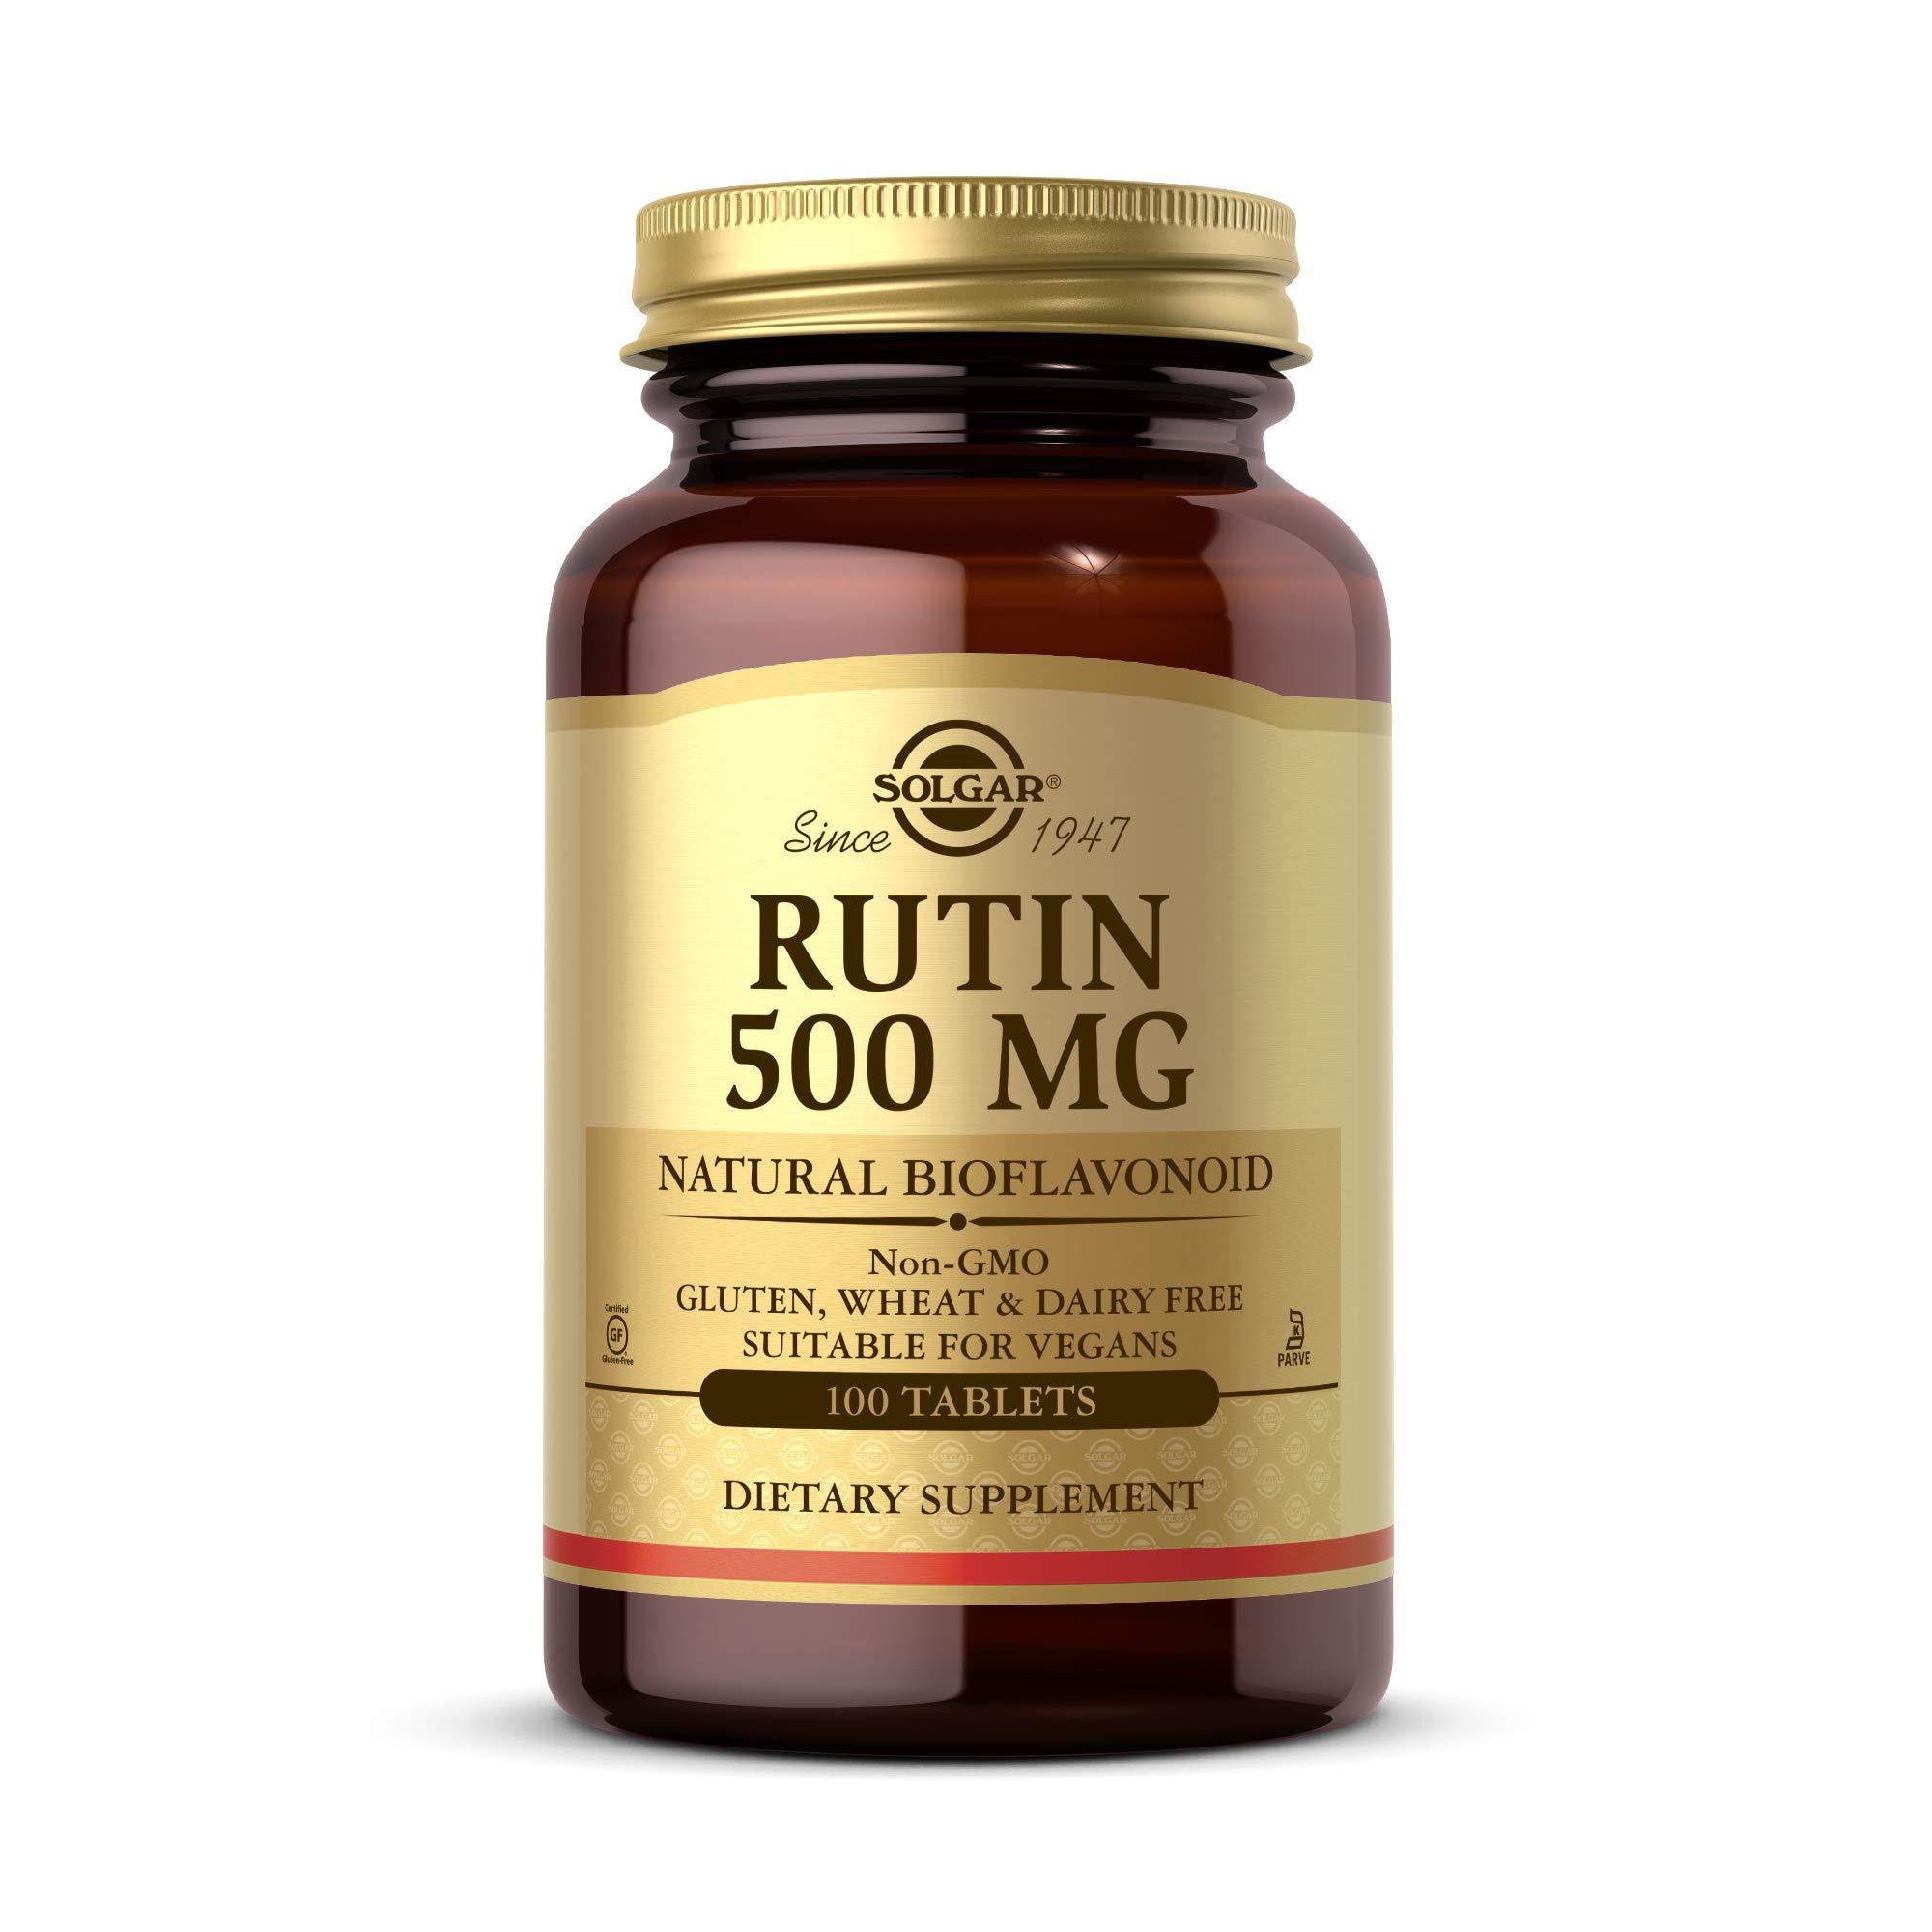 Solgar Rutin 500 mg, 100 Tablets - Antioxidant - Natural Bioflavonoid - Vegan, Gluten Free, Dairy Free, Kosher - 100 Servings